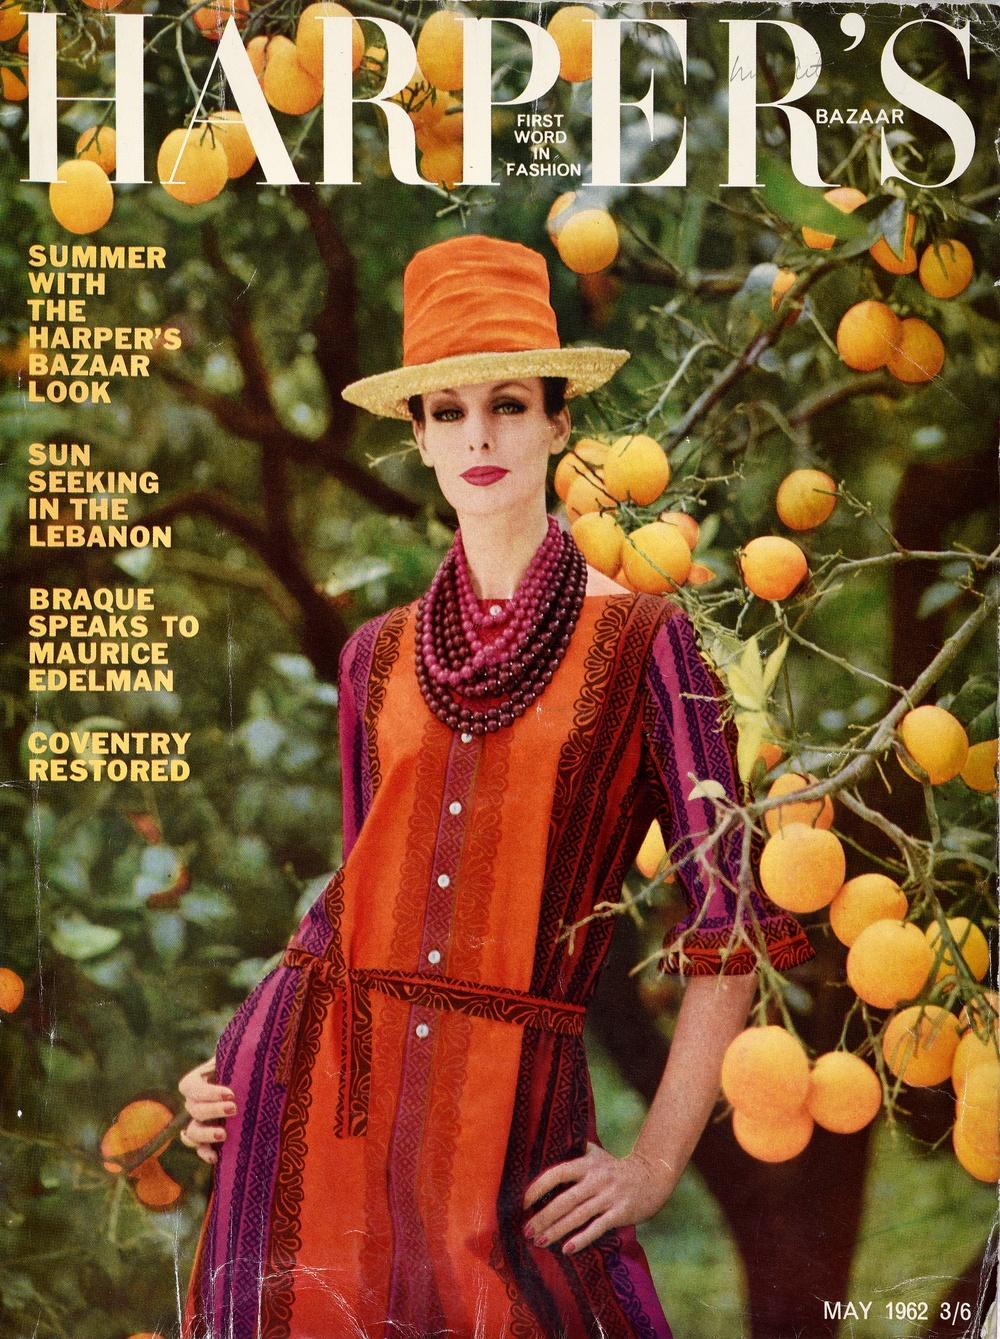 Harper's Bazaar-omslag från 1962 med Katja of Sweden-designad klänning i tyget KÄSPAIKKA, designat av Maija Isola för Marimekko. Foto: Viveca Ohlsson/Kulturen